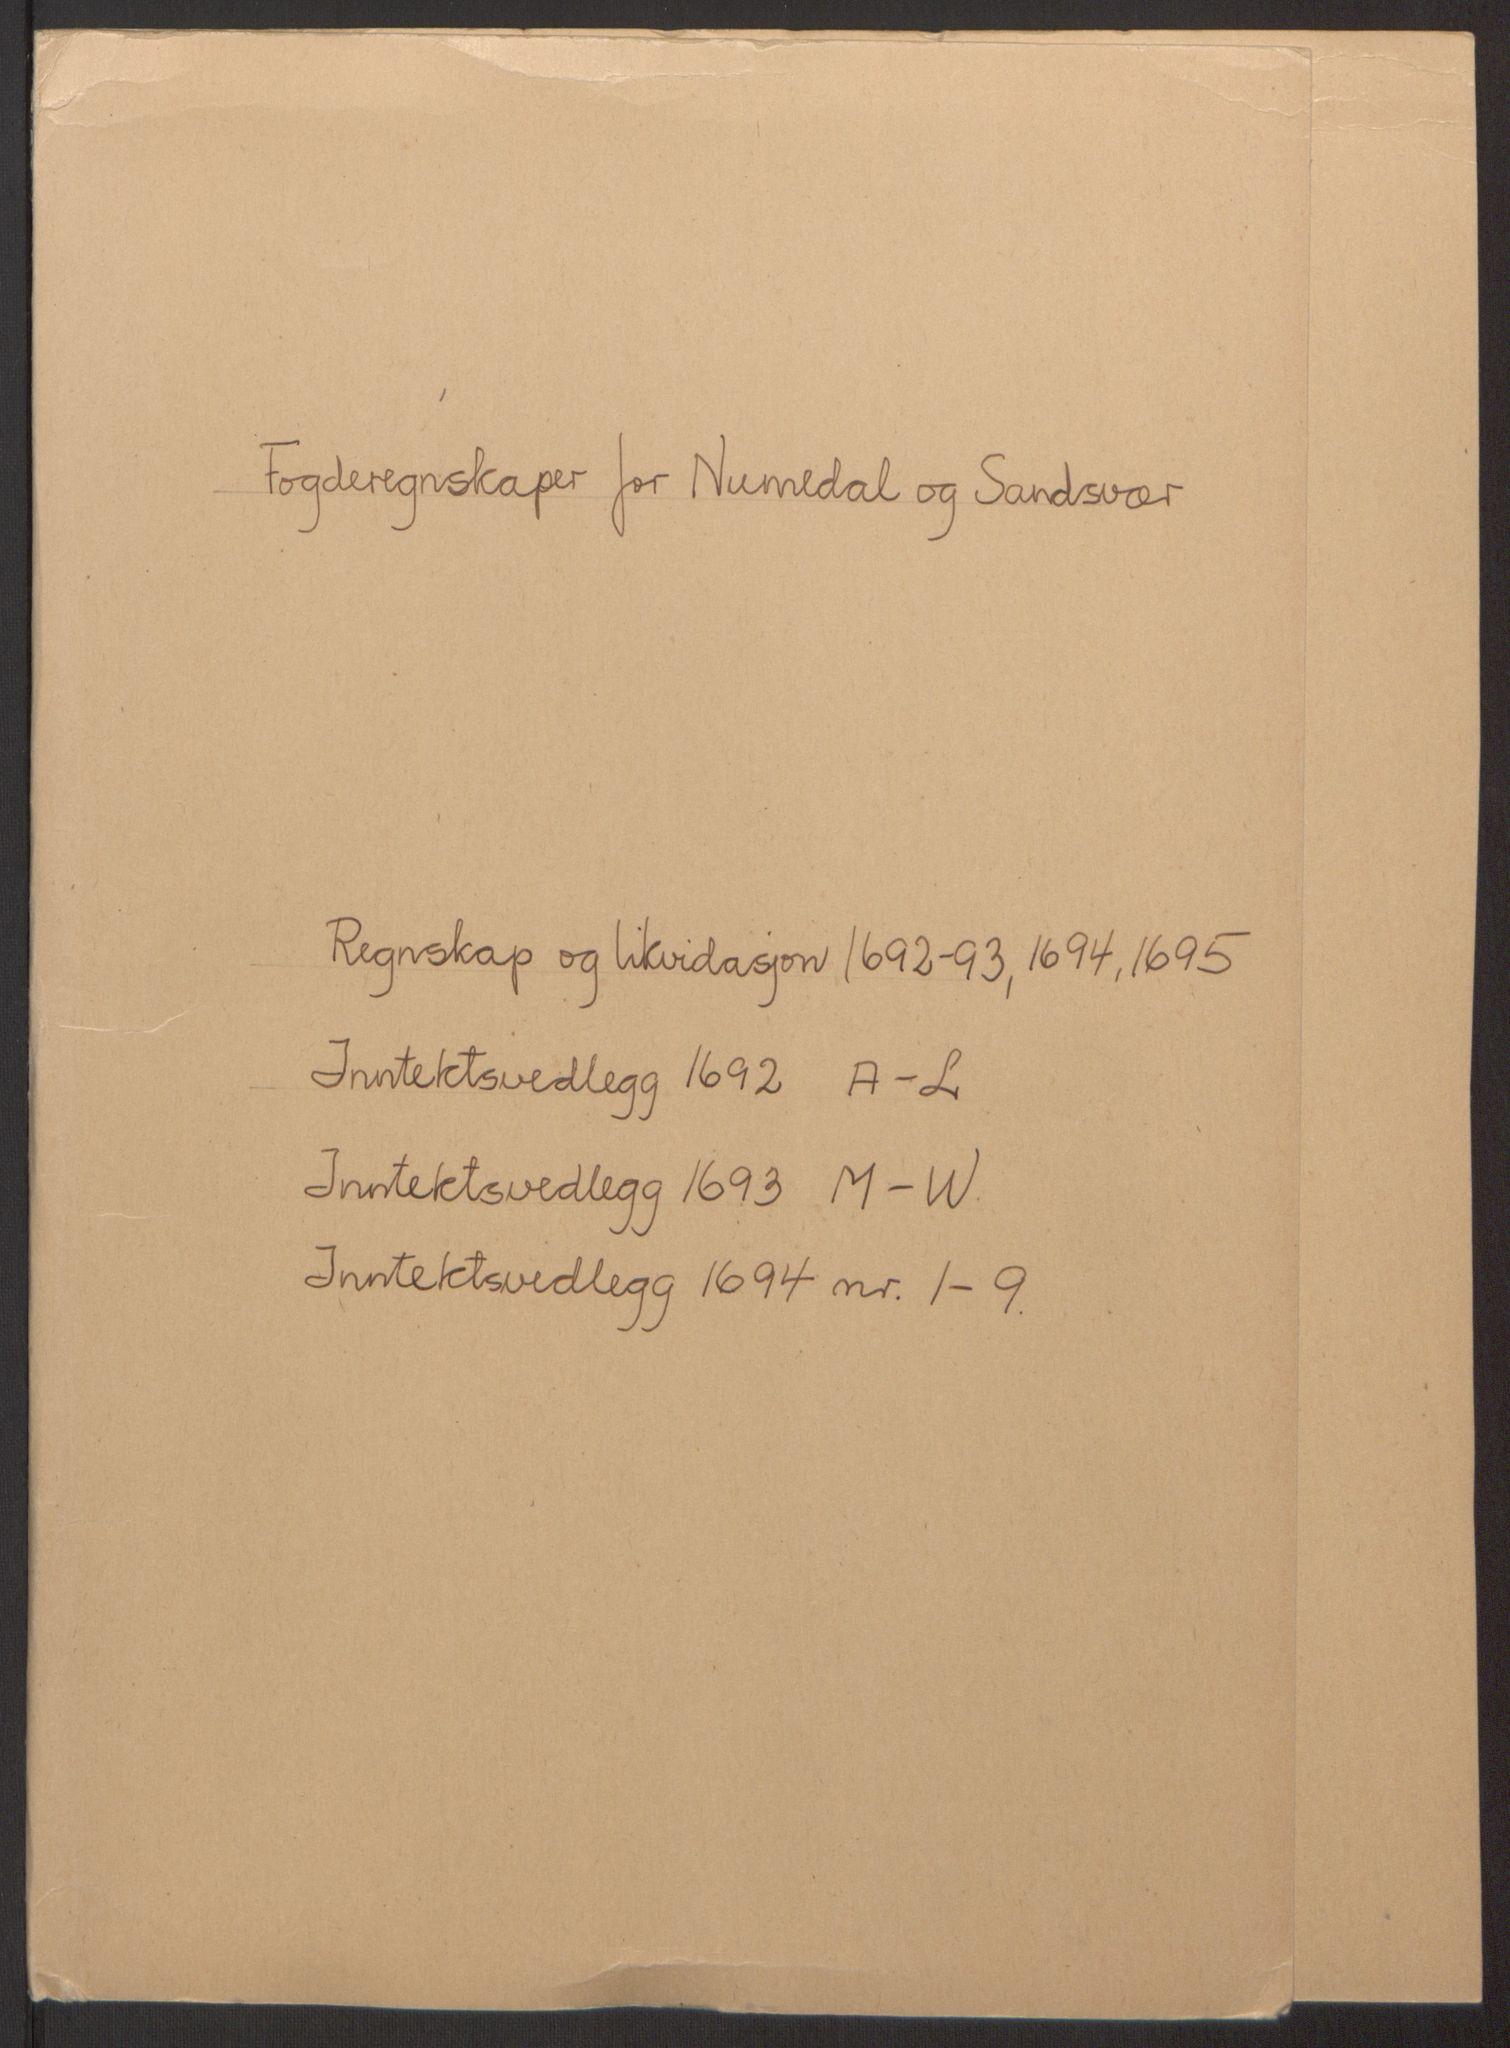 RA, Rentekammeret inntil 1814, Reviderte regnskaper, Fogderegnskap, R24/L1575: Fogderegnskap Numedal og Sandsvær, 1692-1695, s. 6